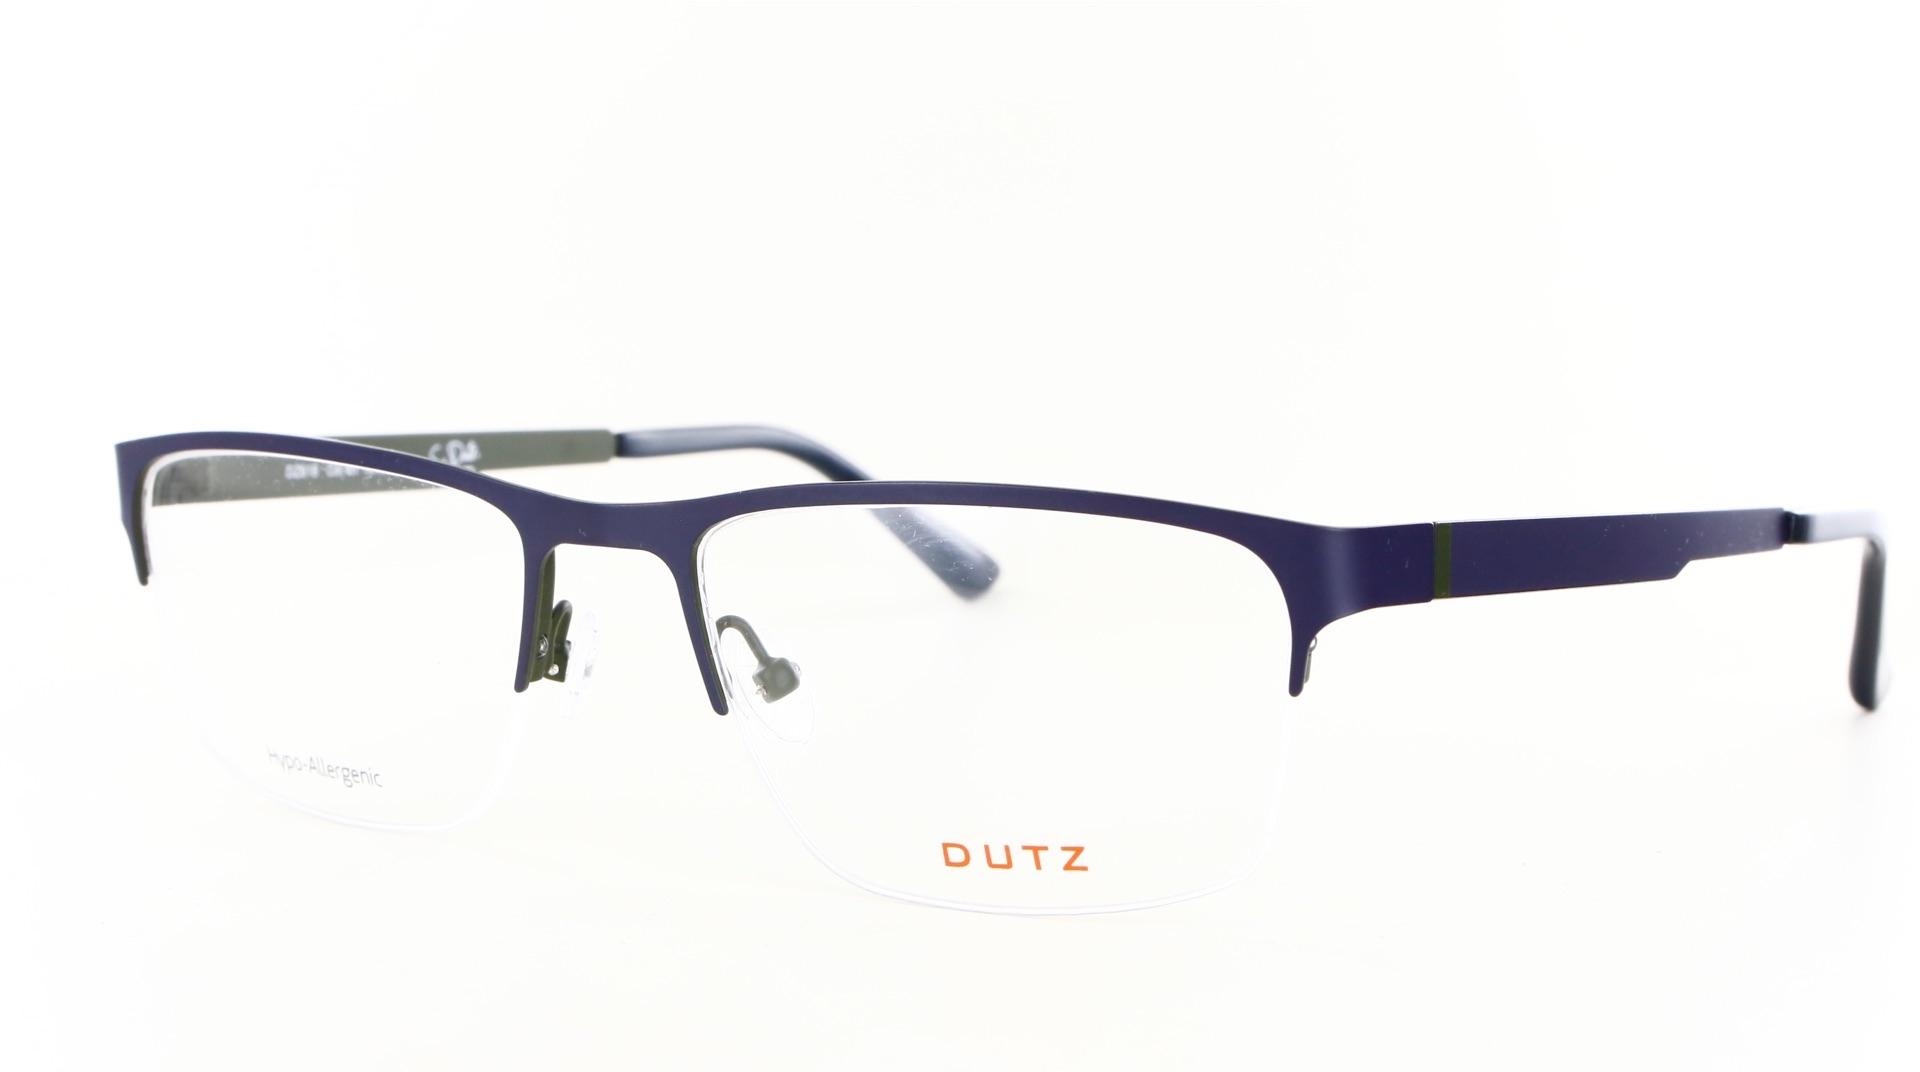 Dutz - ref: 78299